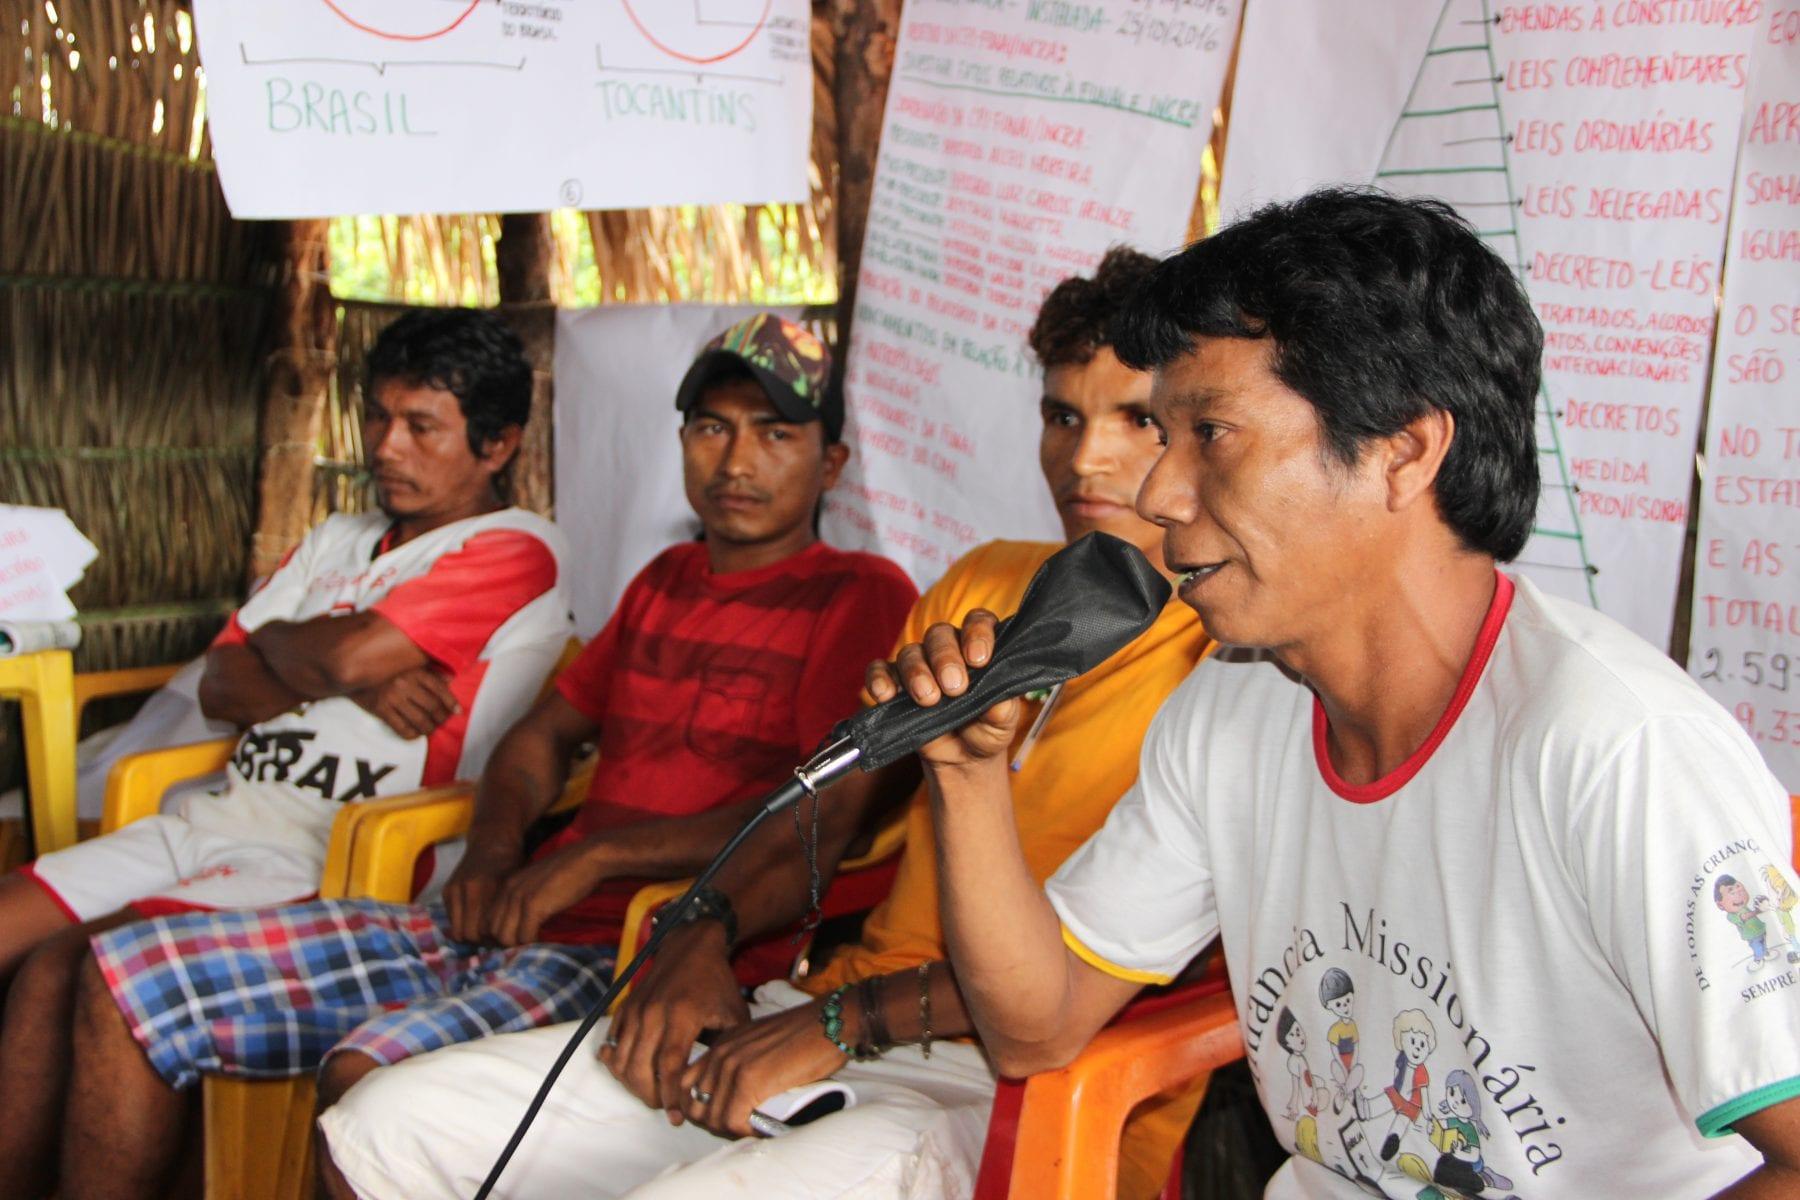 O Encontro reuniu 140 lideranças indígenas de 30 aldeias Apinajé. Foto: Laudovina Pereira - Regional CIMI GO/TO